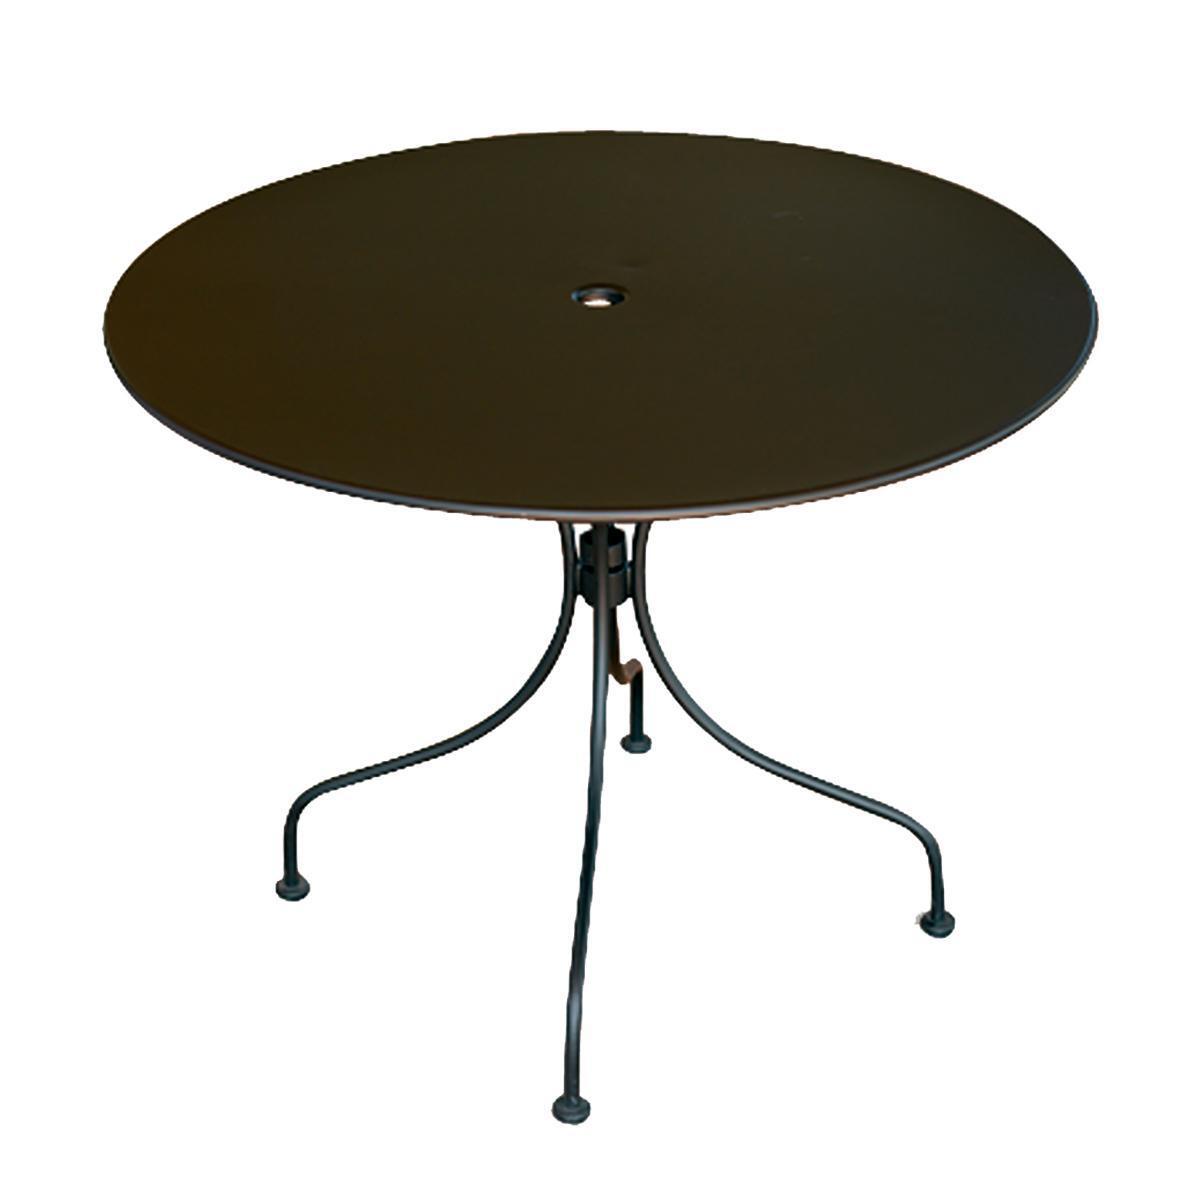 Tavolo da giardino tondo tft con piano in ferro Ø 90 cm - 1